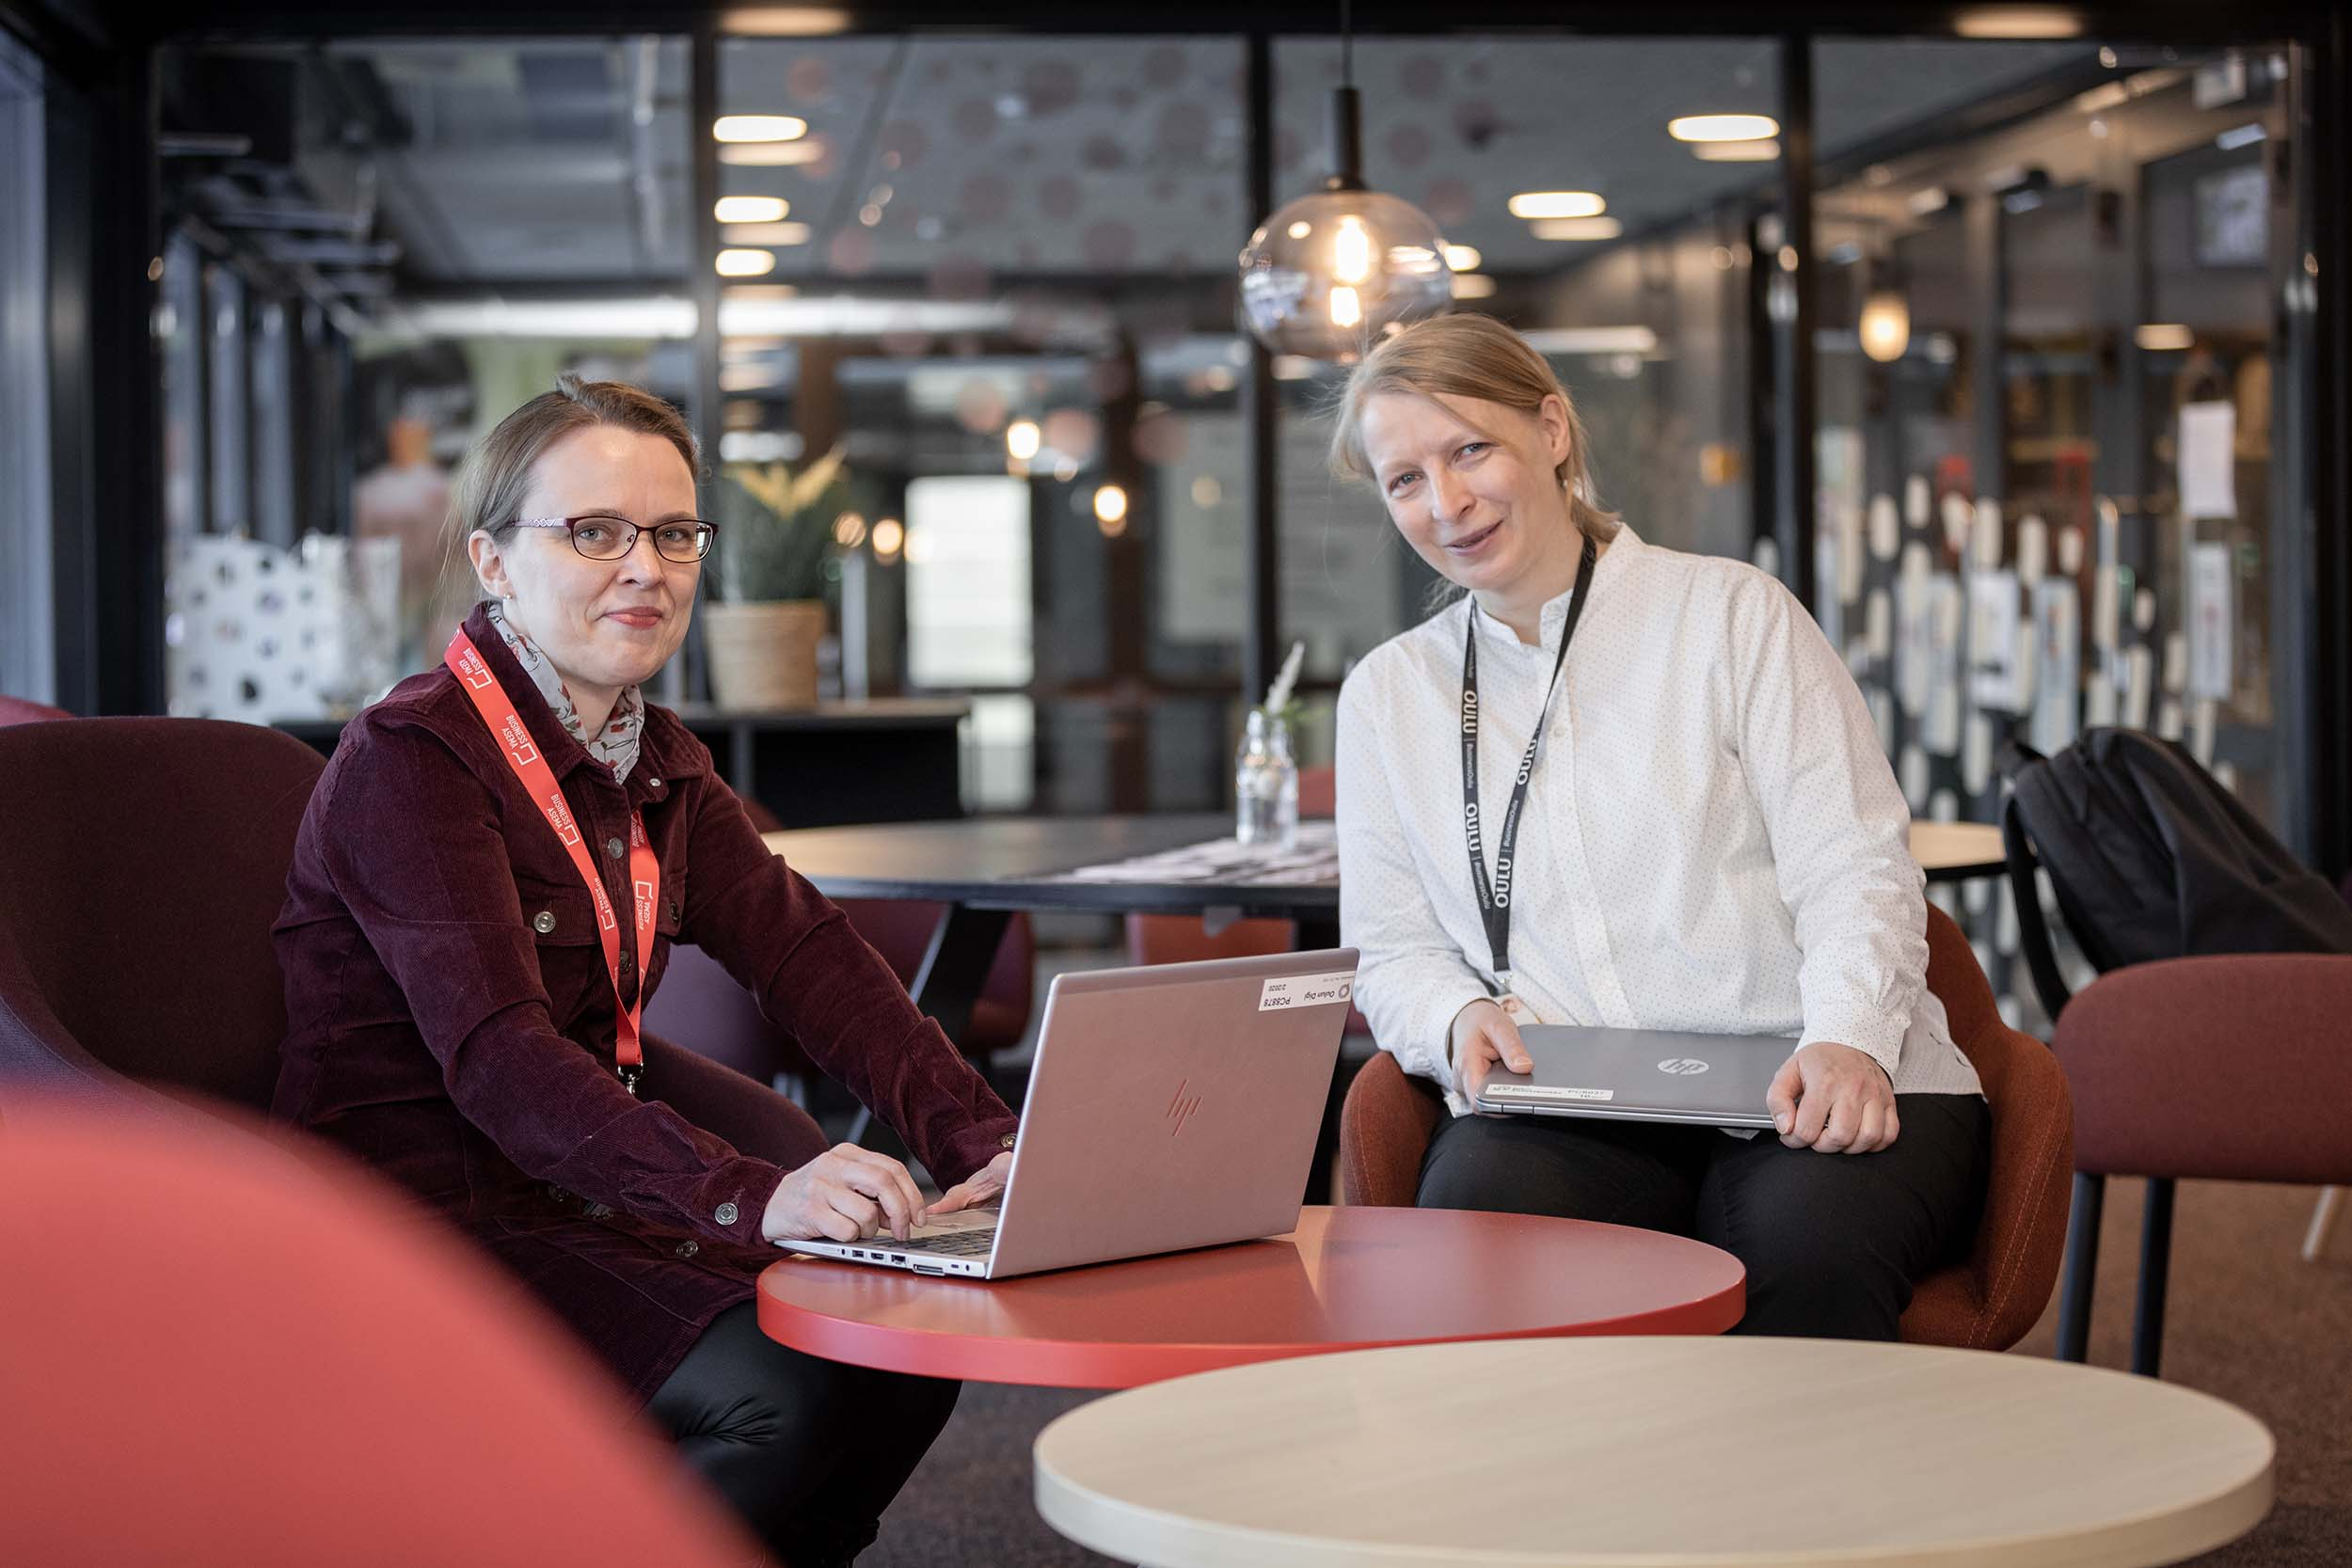 Kaksi naista istuu rinnakkain avotoimistoympäristössä ja poseeraa kameralle. Toinen ruskeahiuksinen, toinen vaalea.